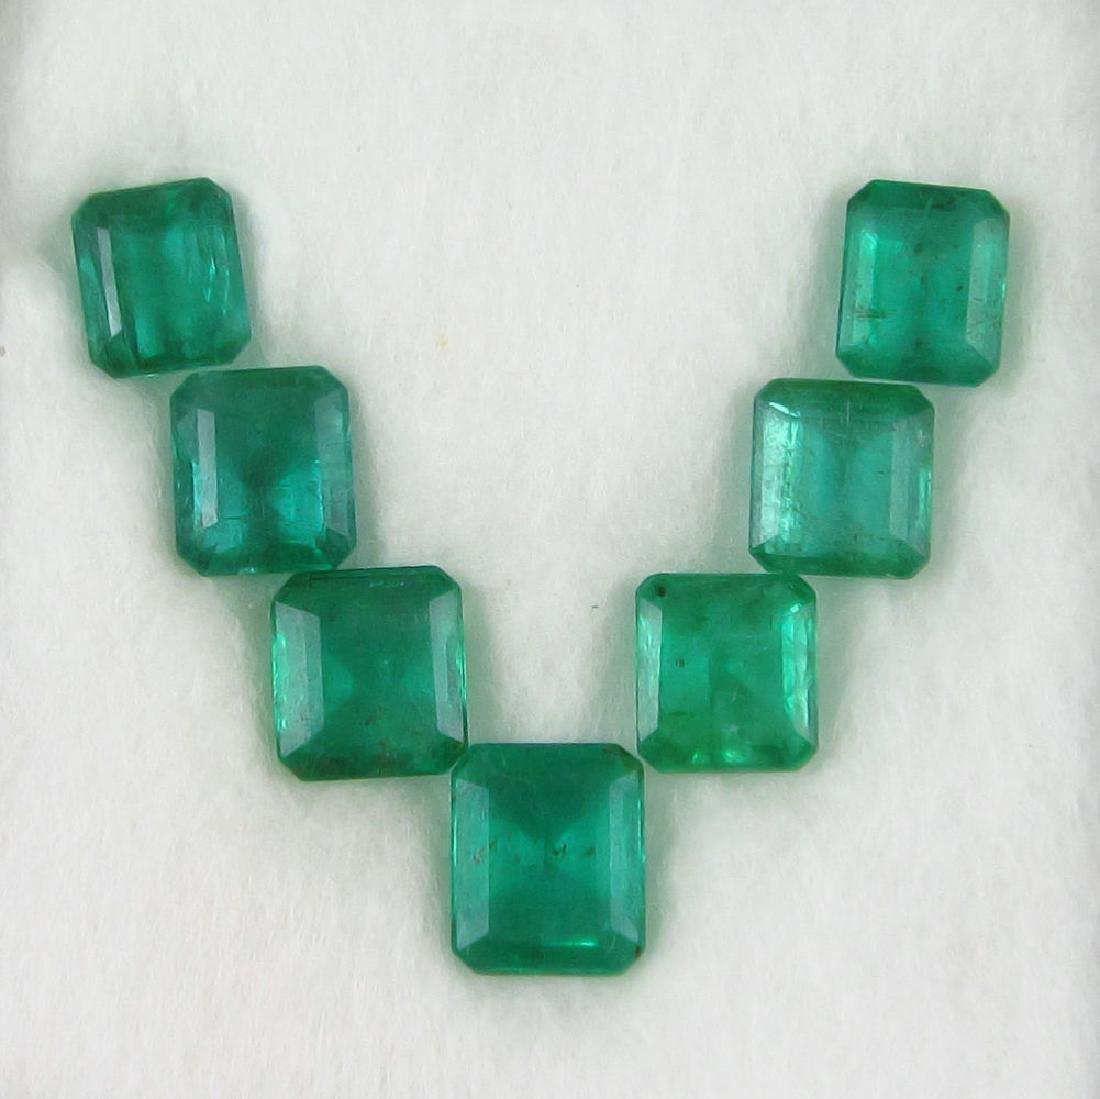 13.19 Carat - 7 Loose Emeralds